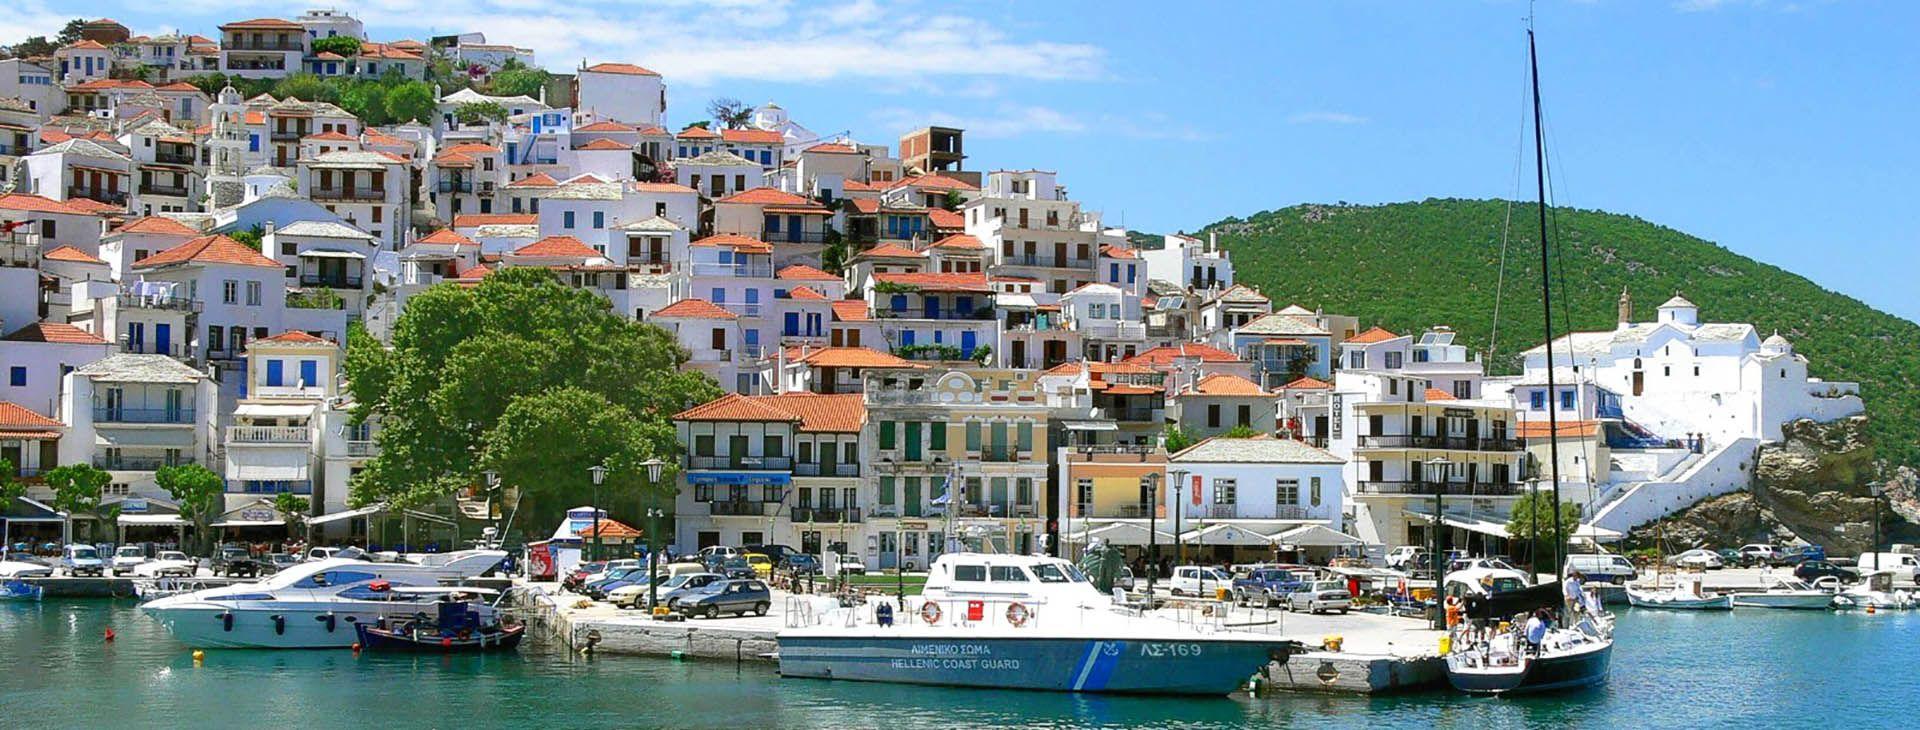 Skopelos Town - Grecia